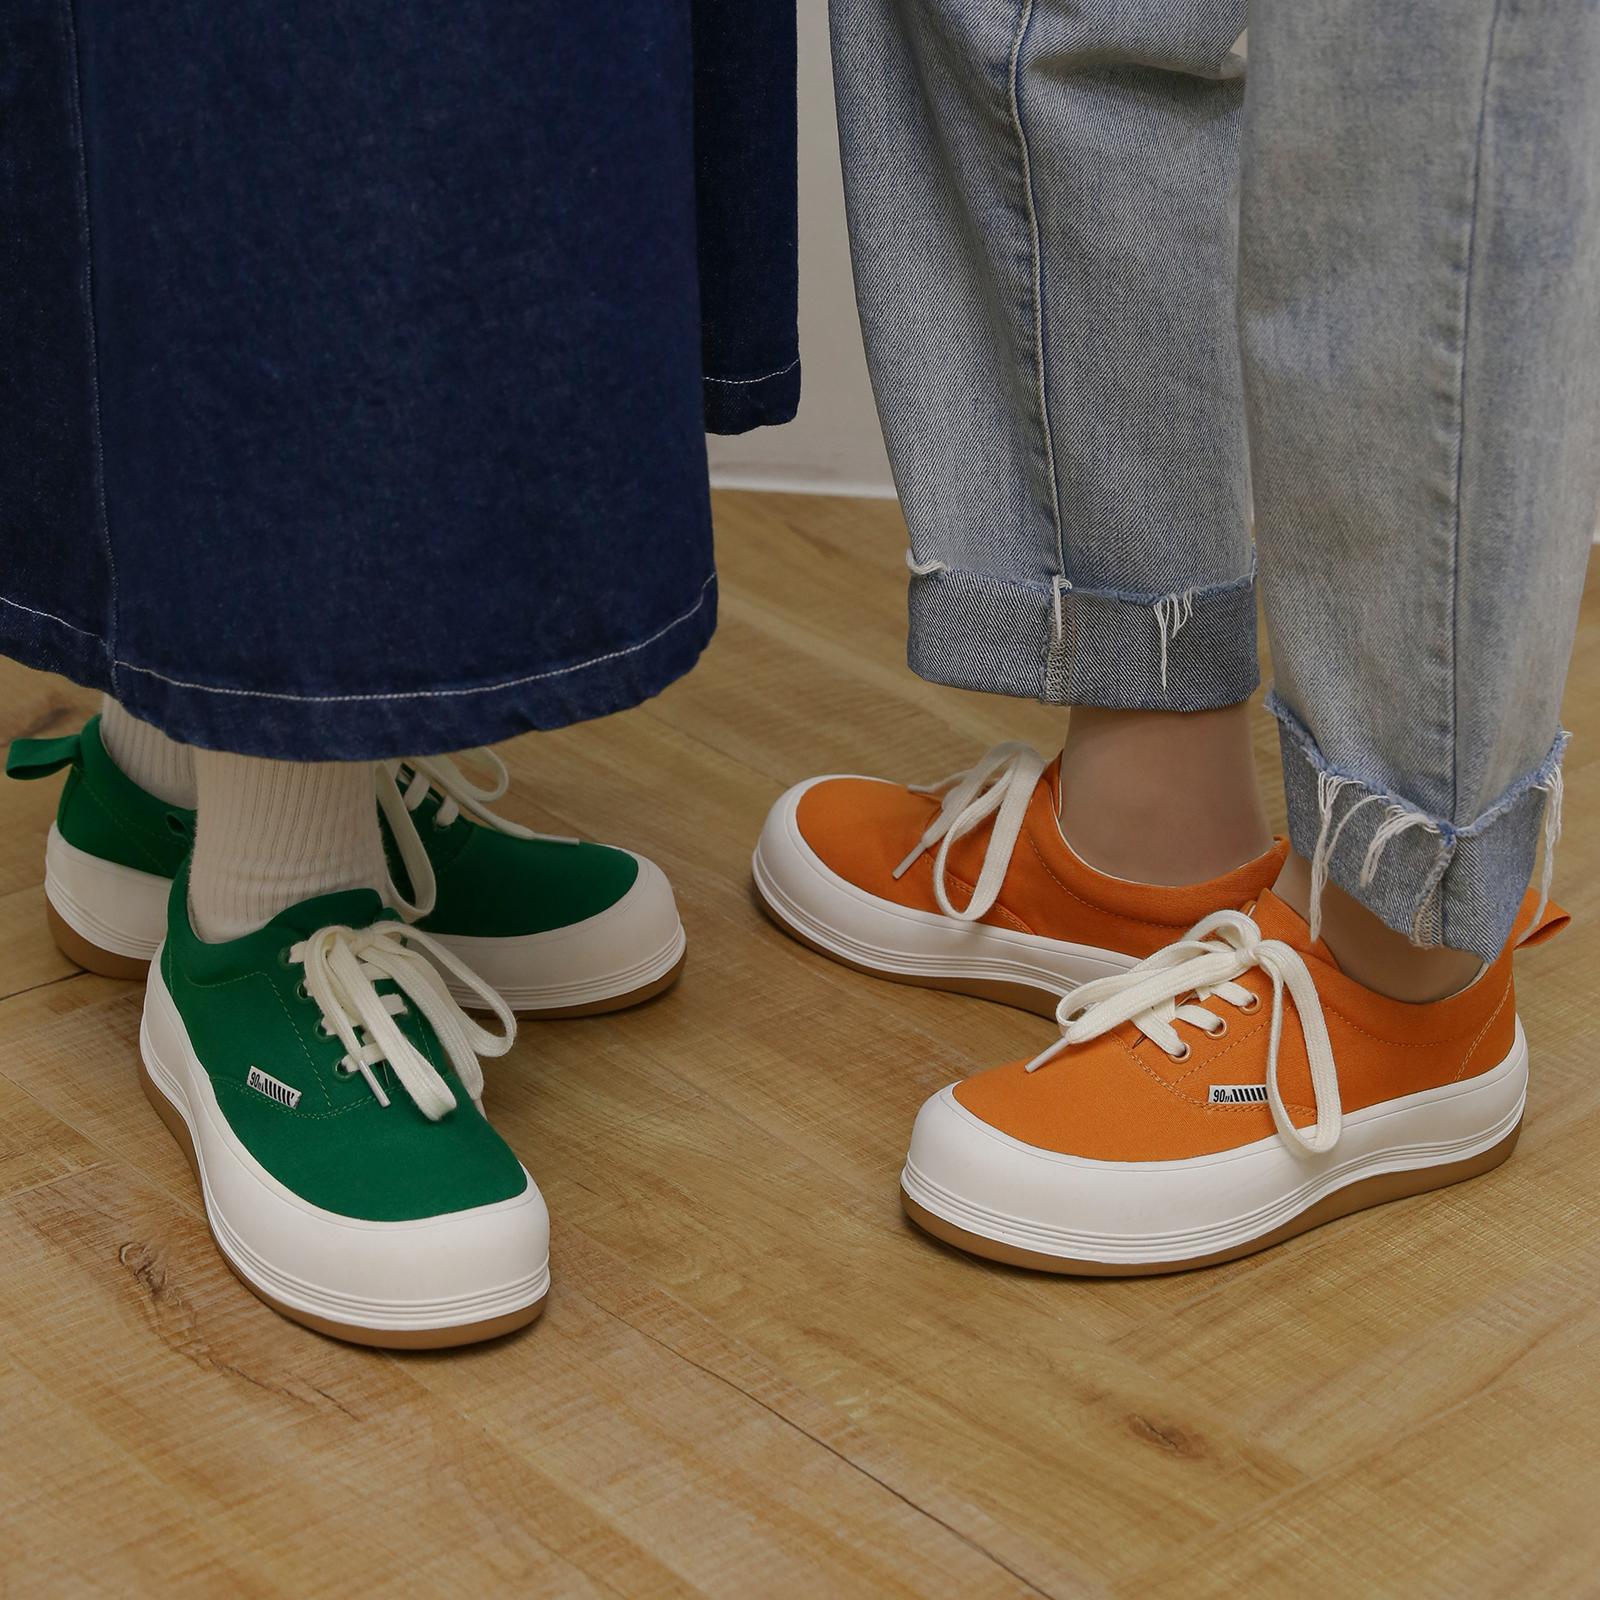 玛速主义2021新款松糕厚底增高平底板鞋女夏帆布大头鞋休闲运动鞋